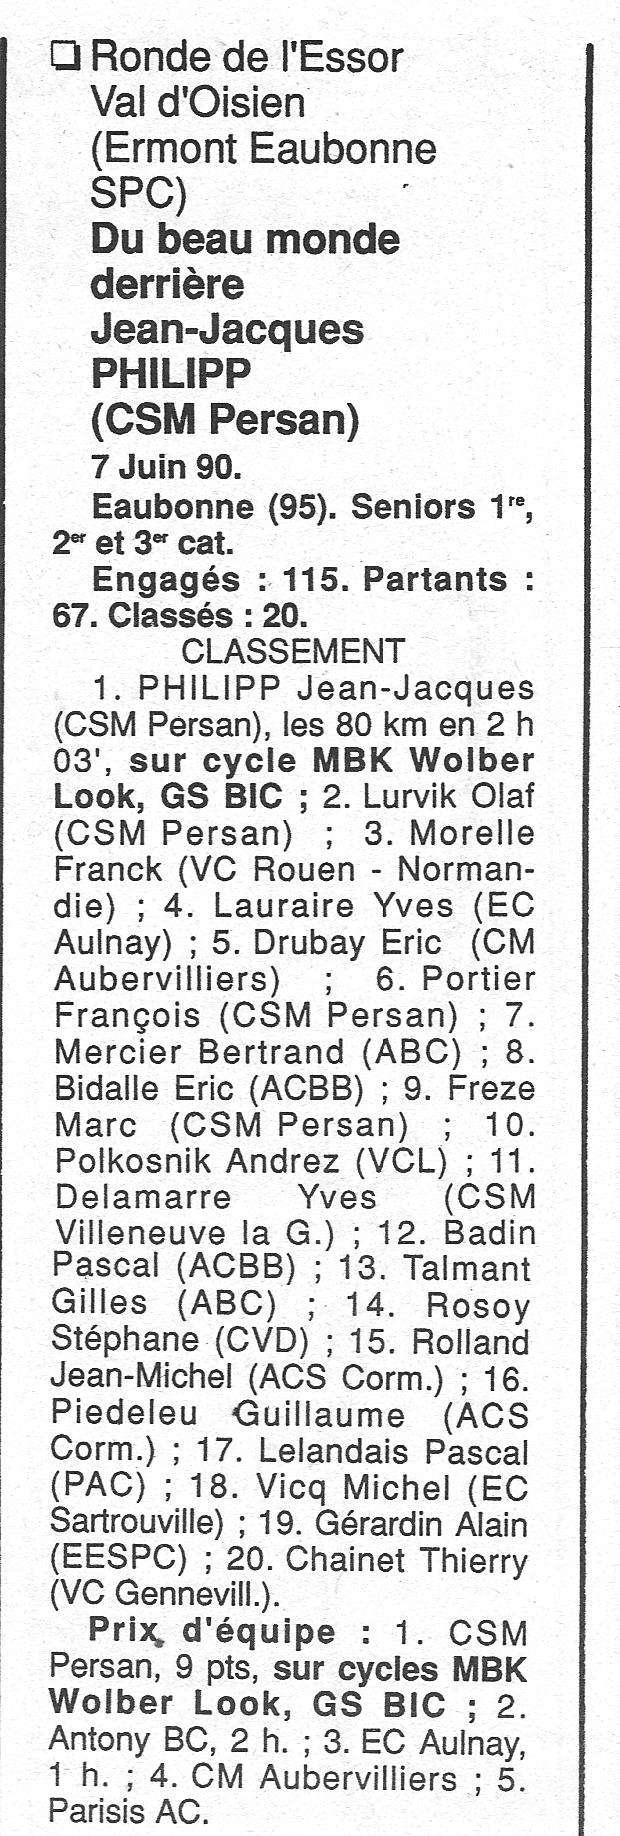 CSM.Persan. BIC. Toute une époque de janvier 1990 à novembre 2007 - Page 2 1990_141